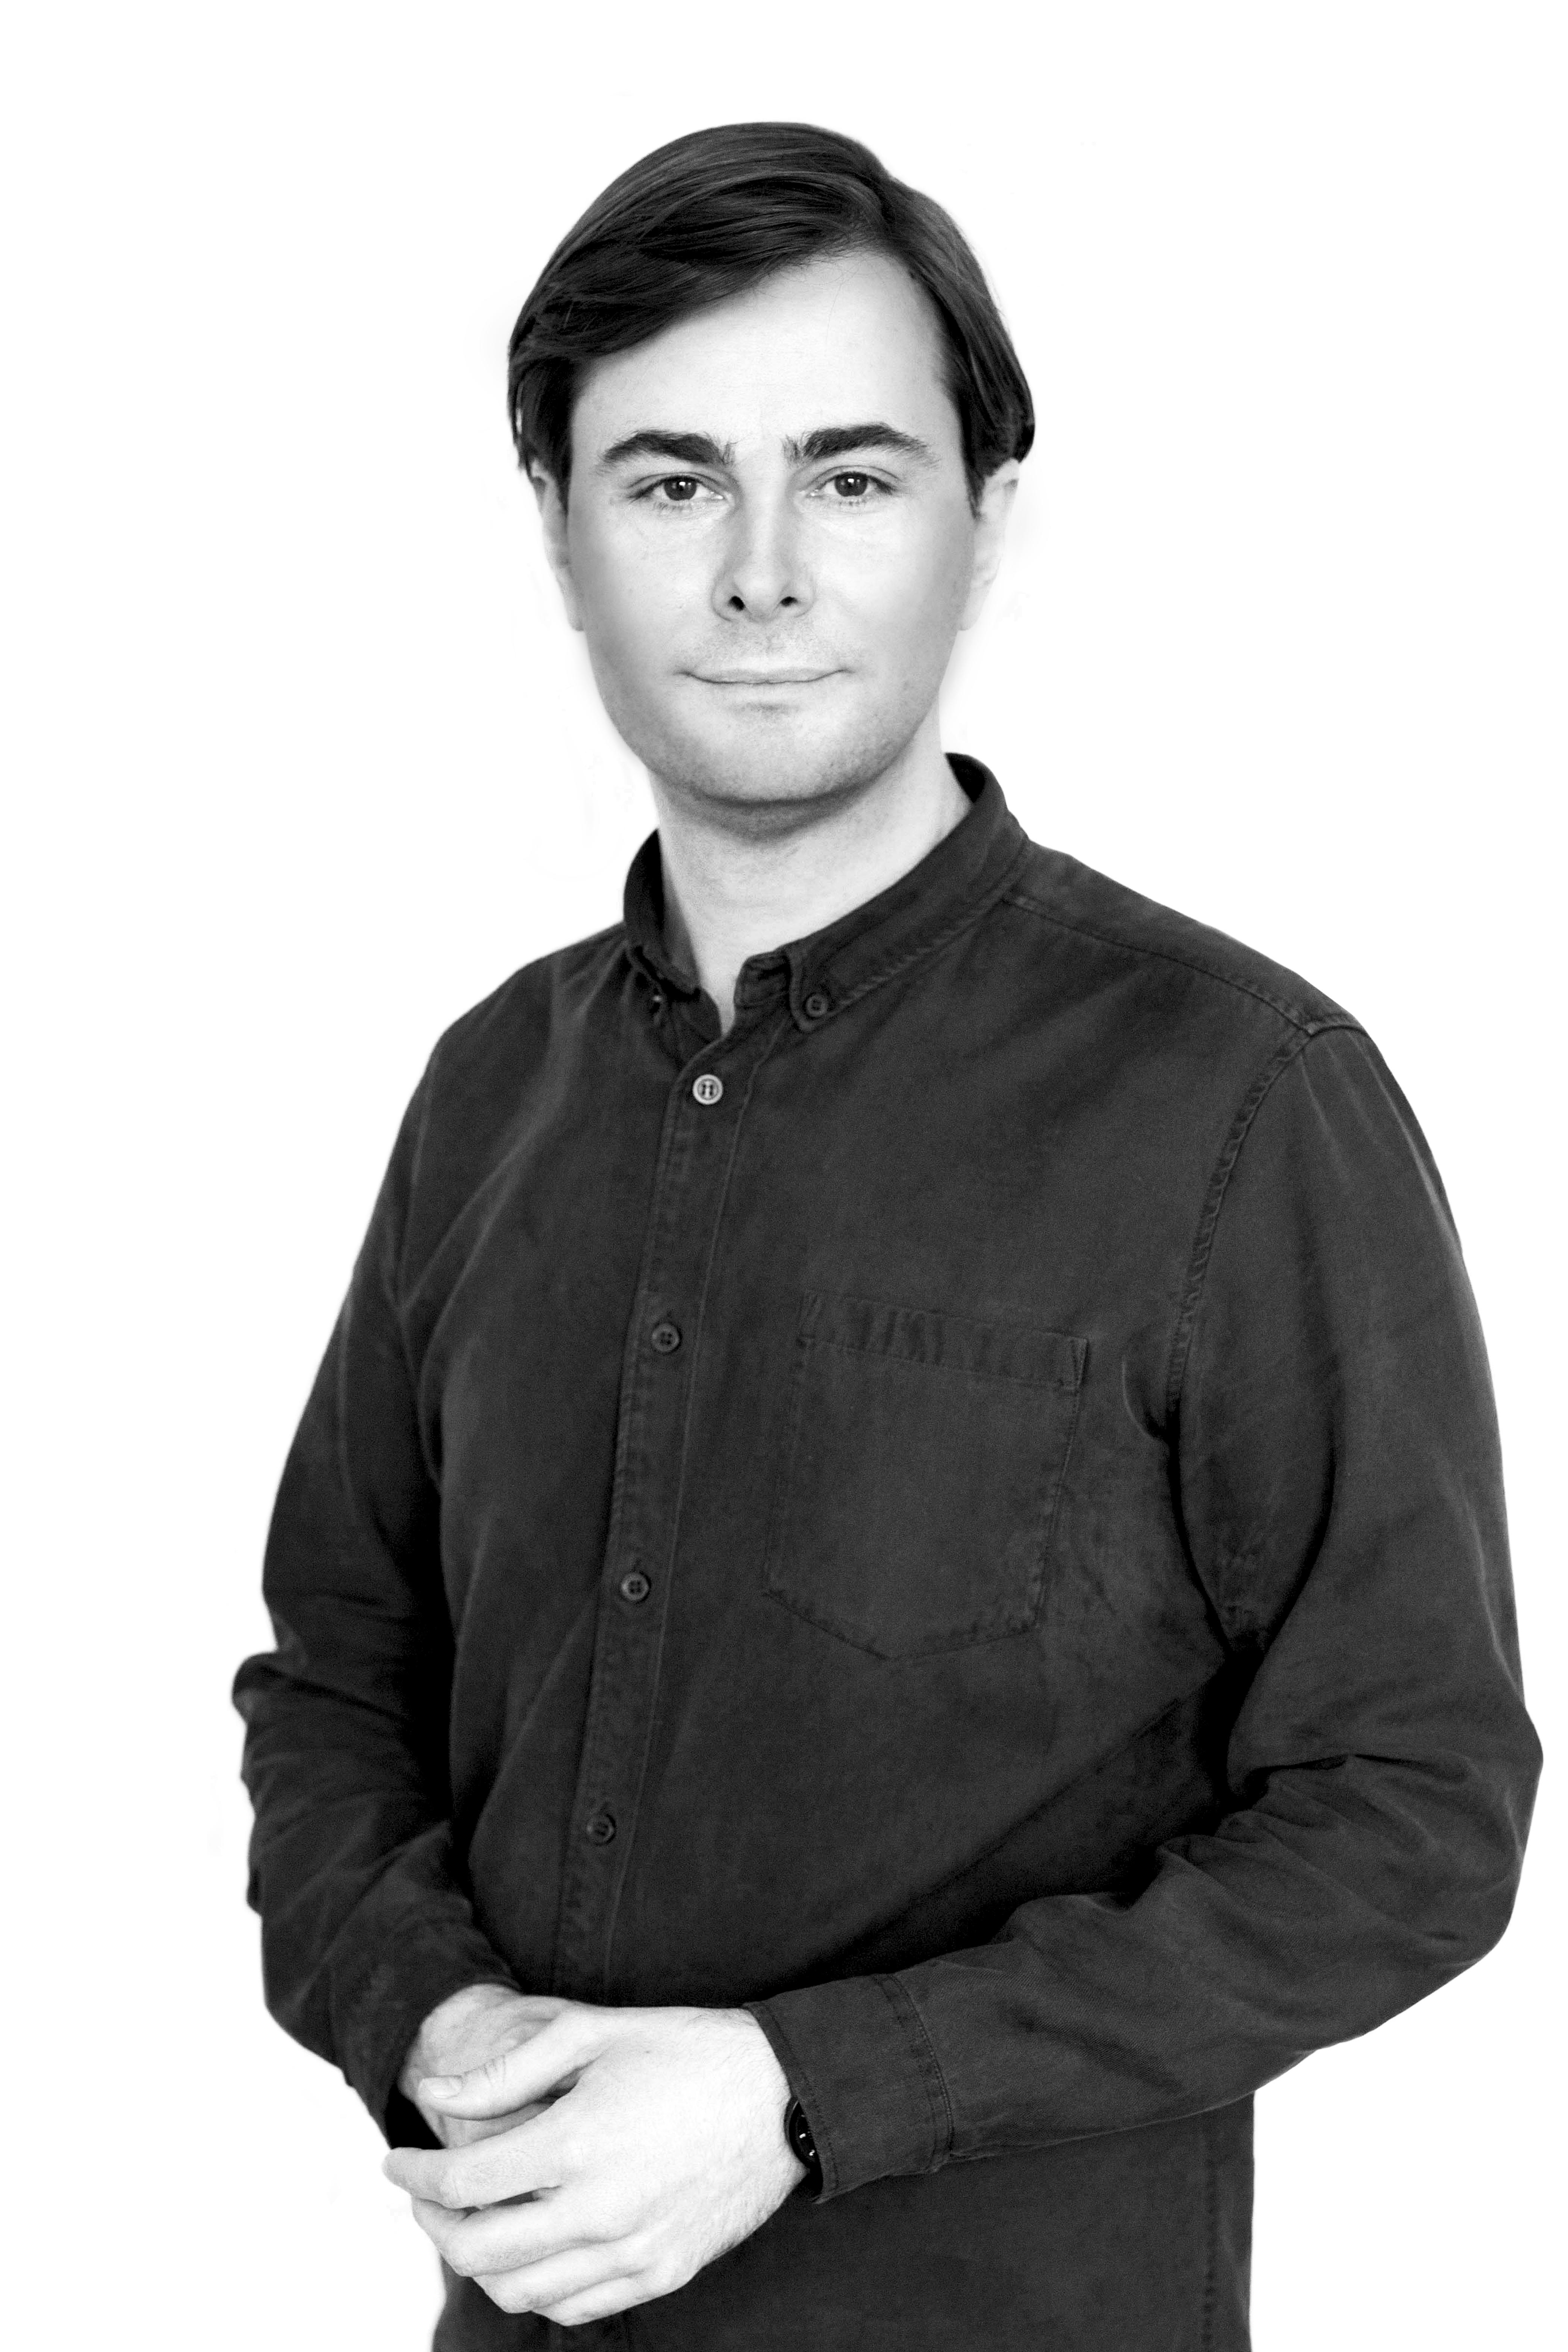 Dalius Drevinskas